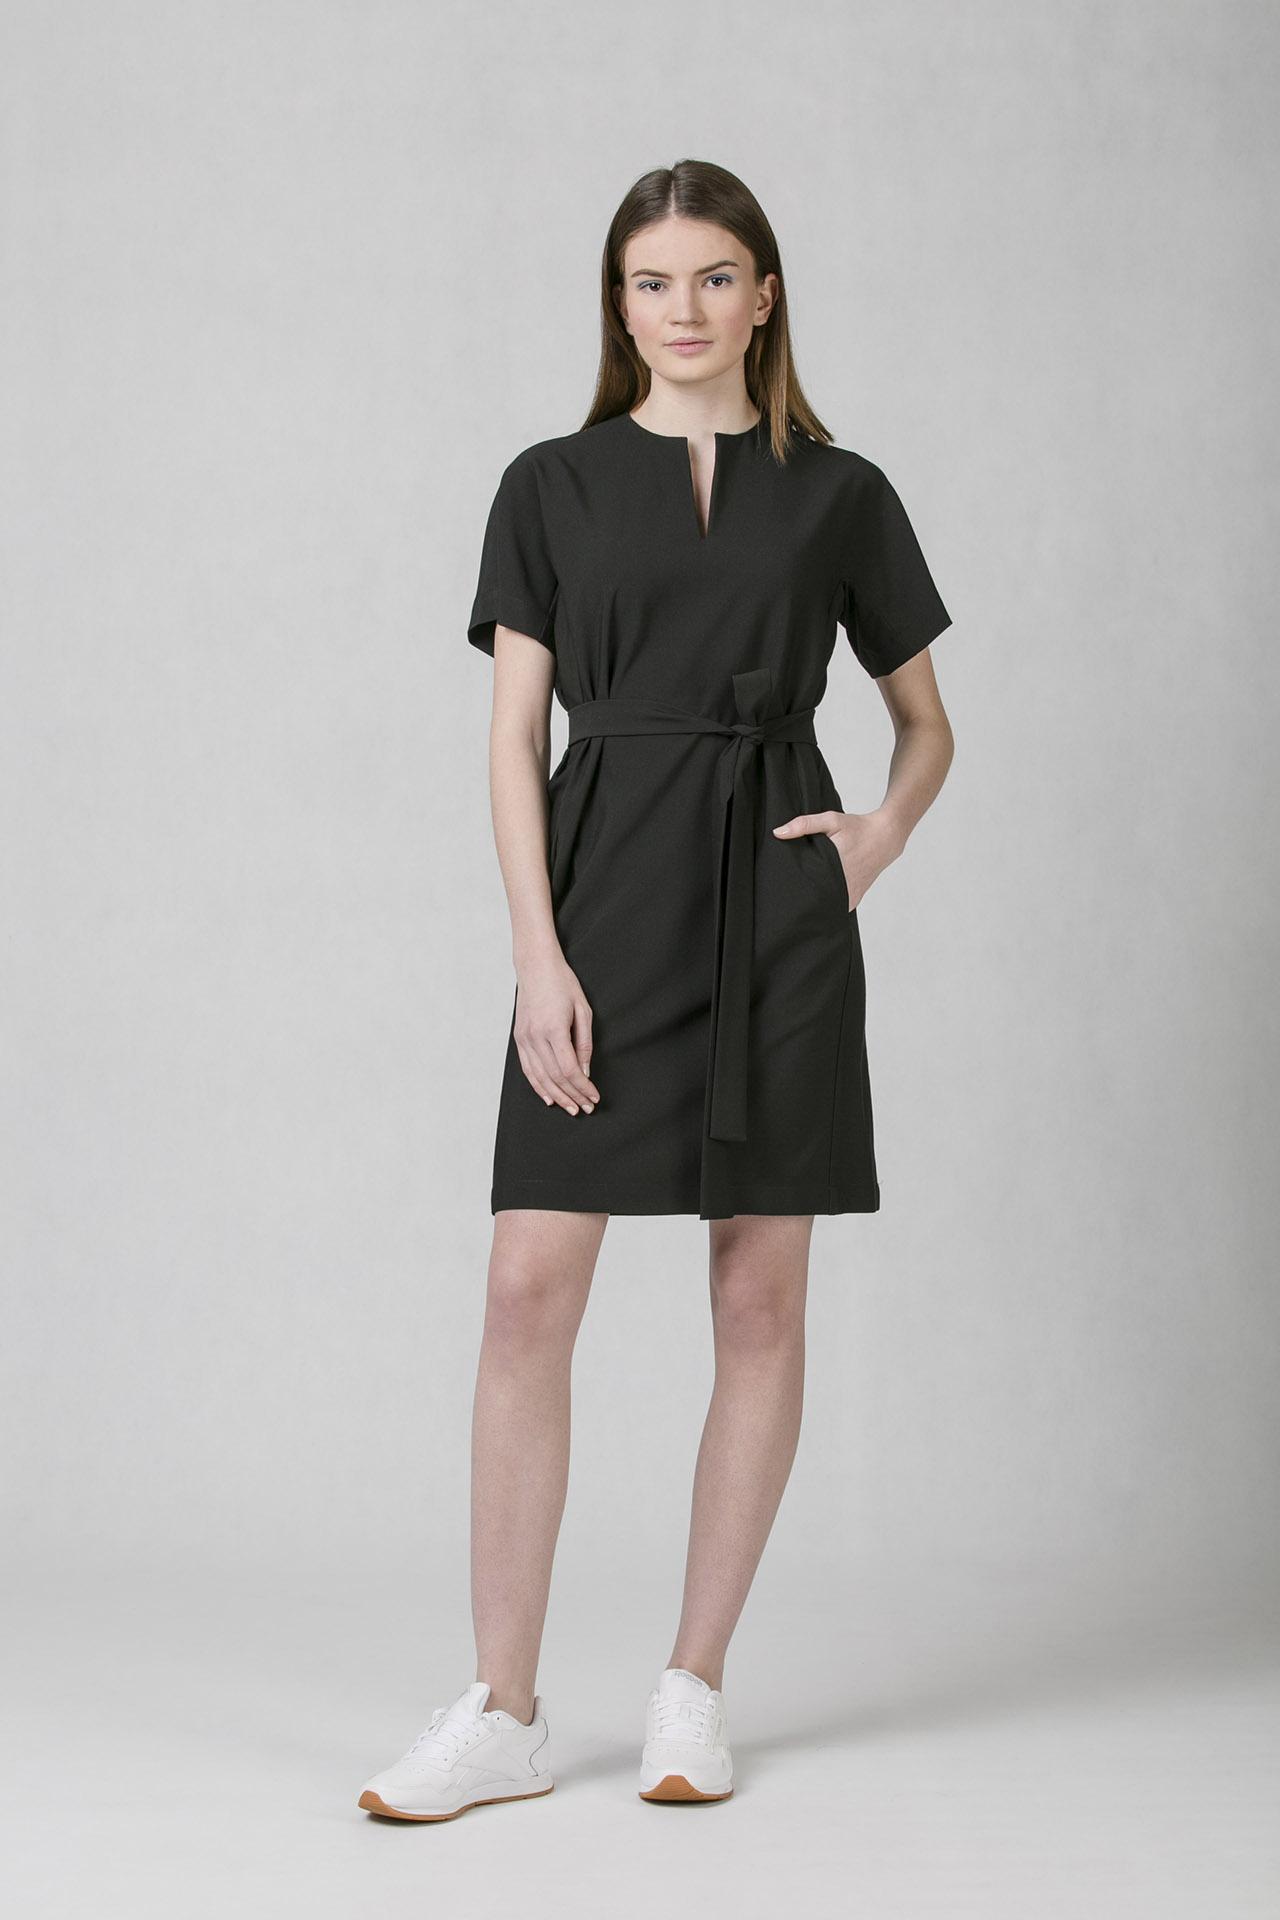 45c925e942c4 Společenské šaty černé Oneday s decentním V výstřihem